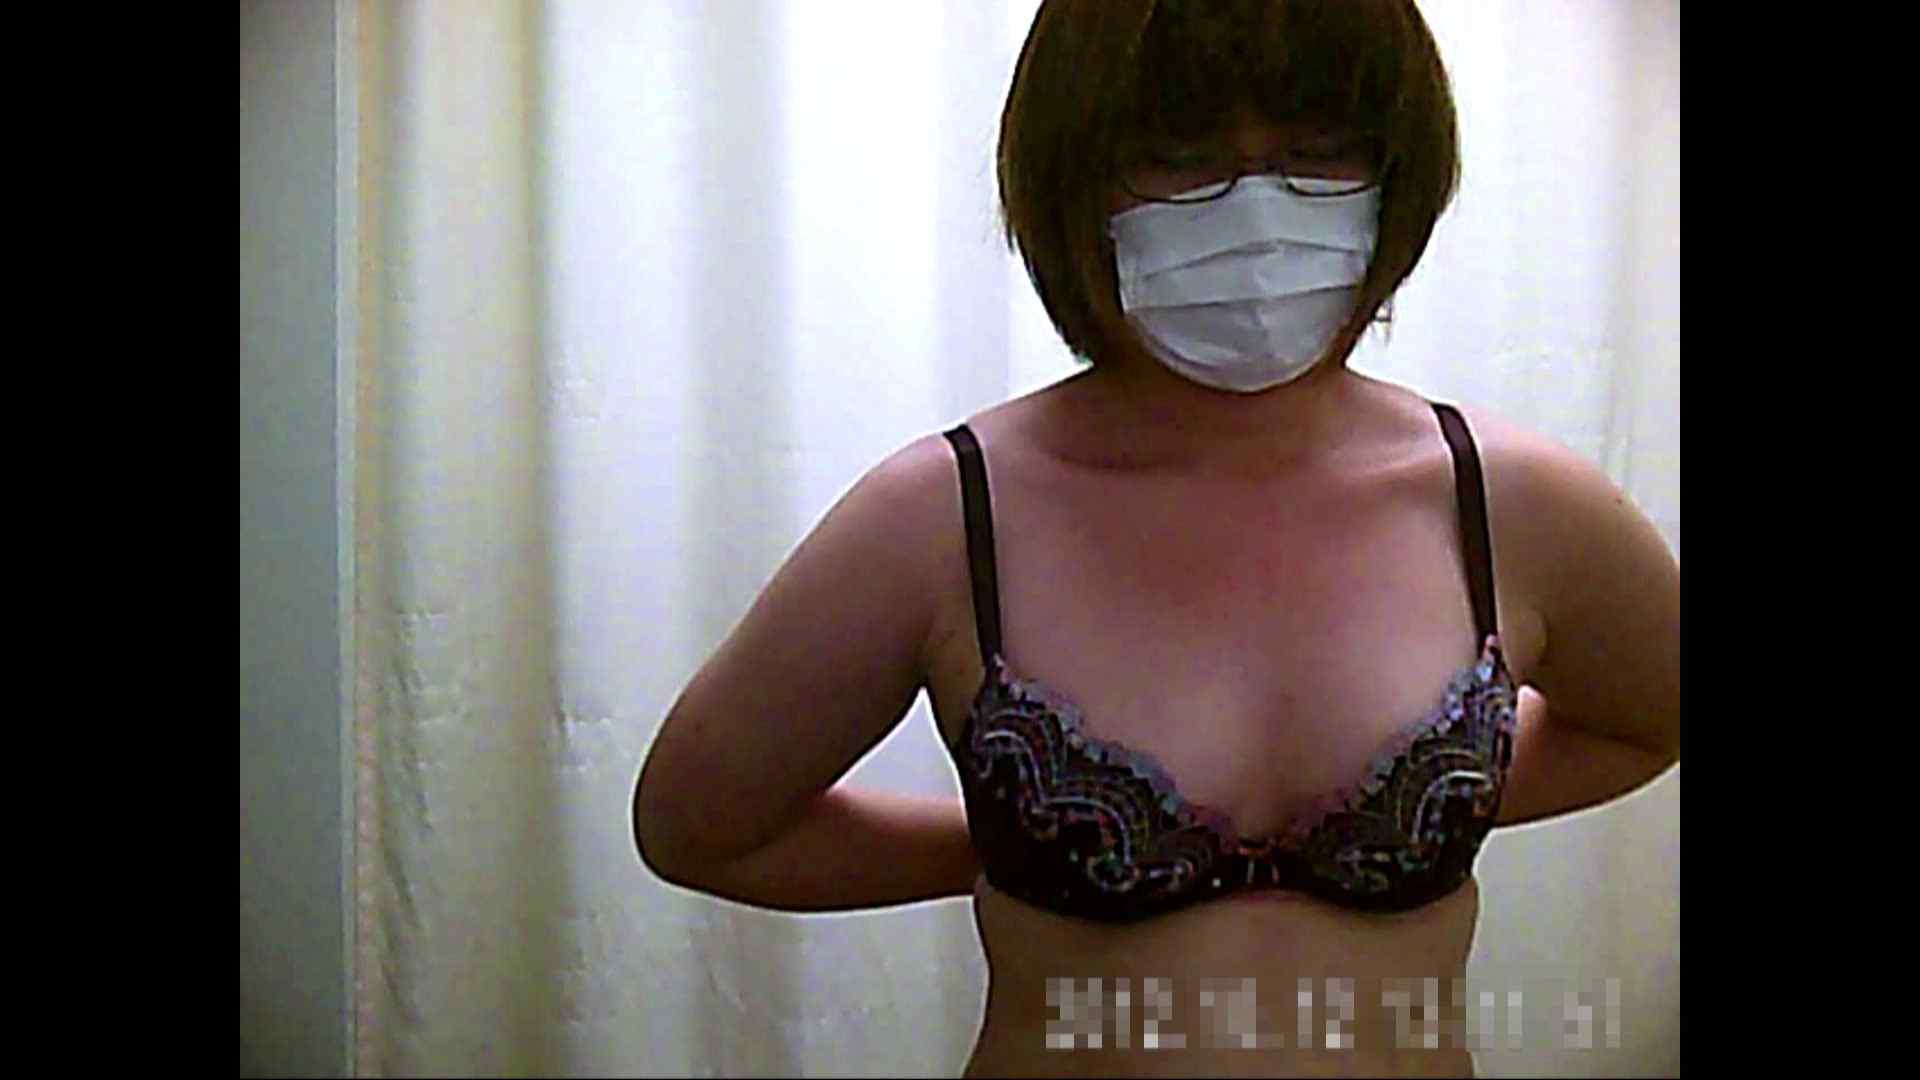 元医者による反抗 更衣室地獄絵巻 vol.061 OLハメ撮り  91Pix 58